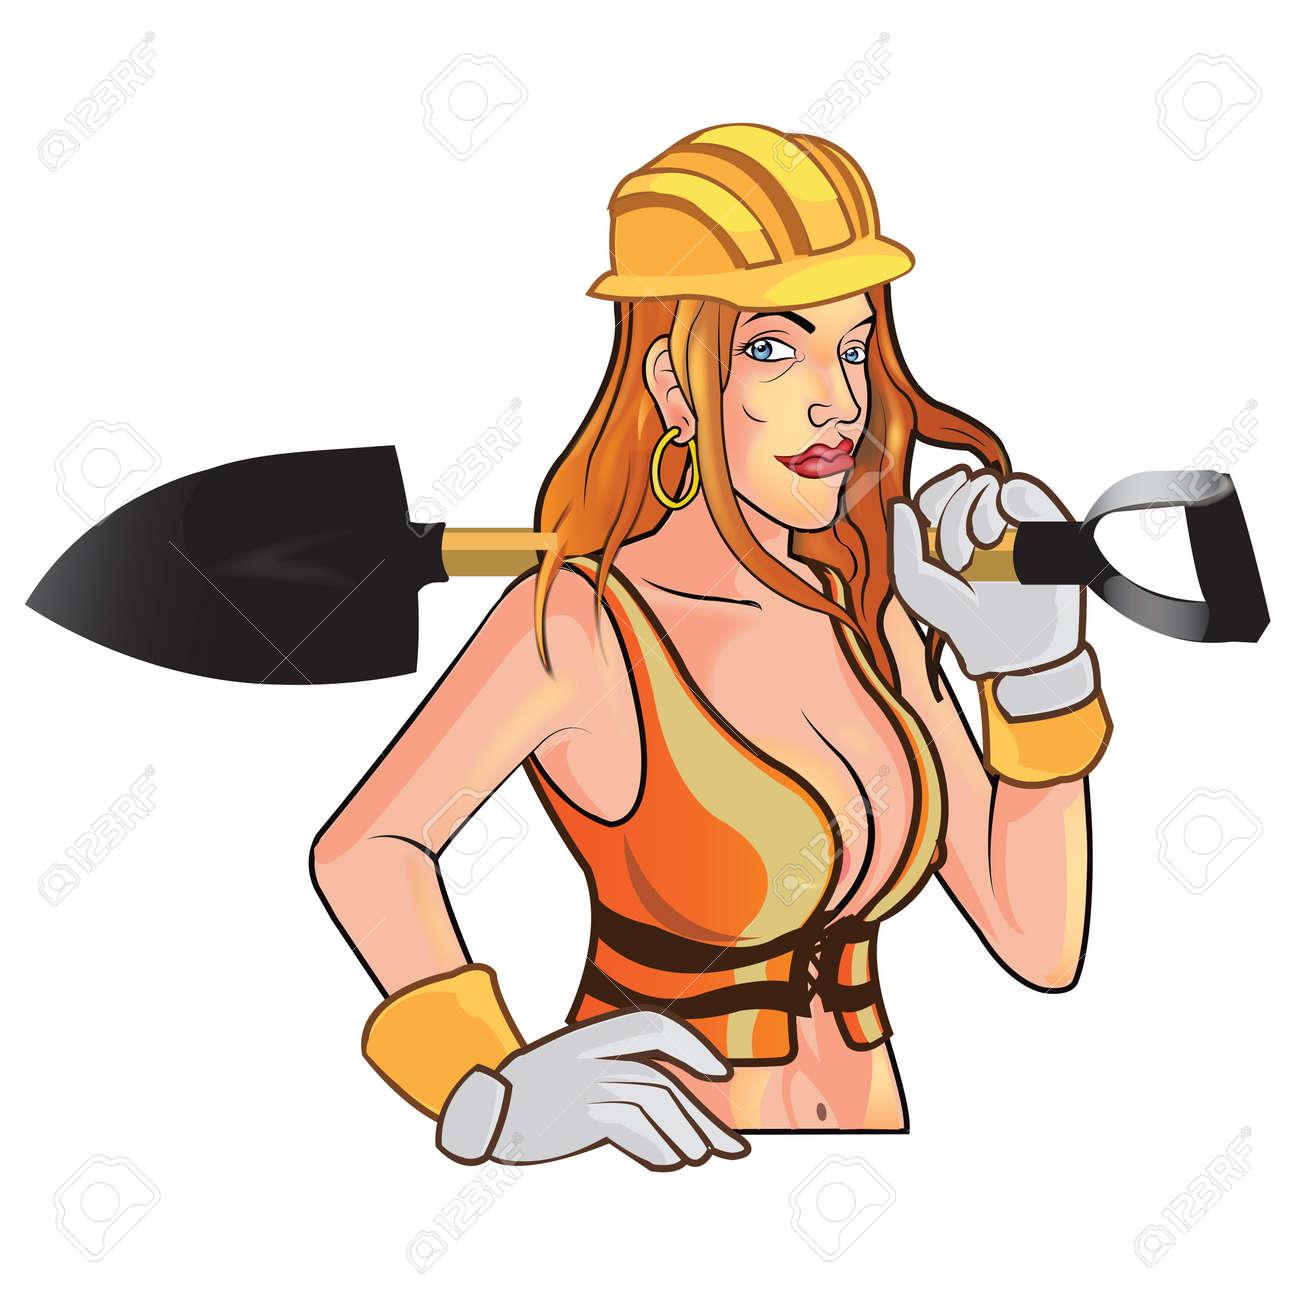 Bauarbeiter zeichnung  Sexy Bauarbeiter Lizenzfrei Nutzbare Vektorgrafiken, Clip Arts ...